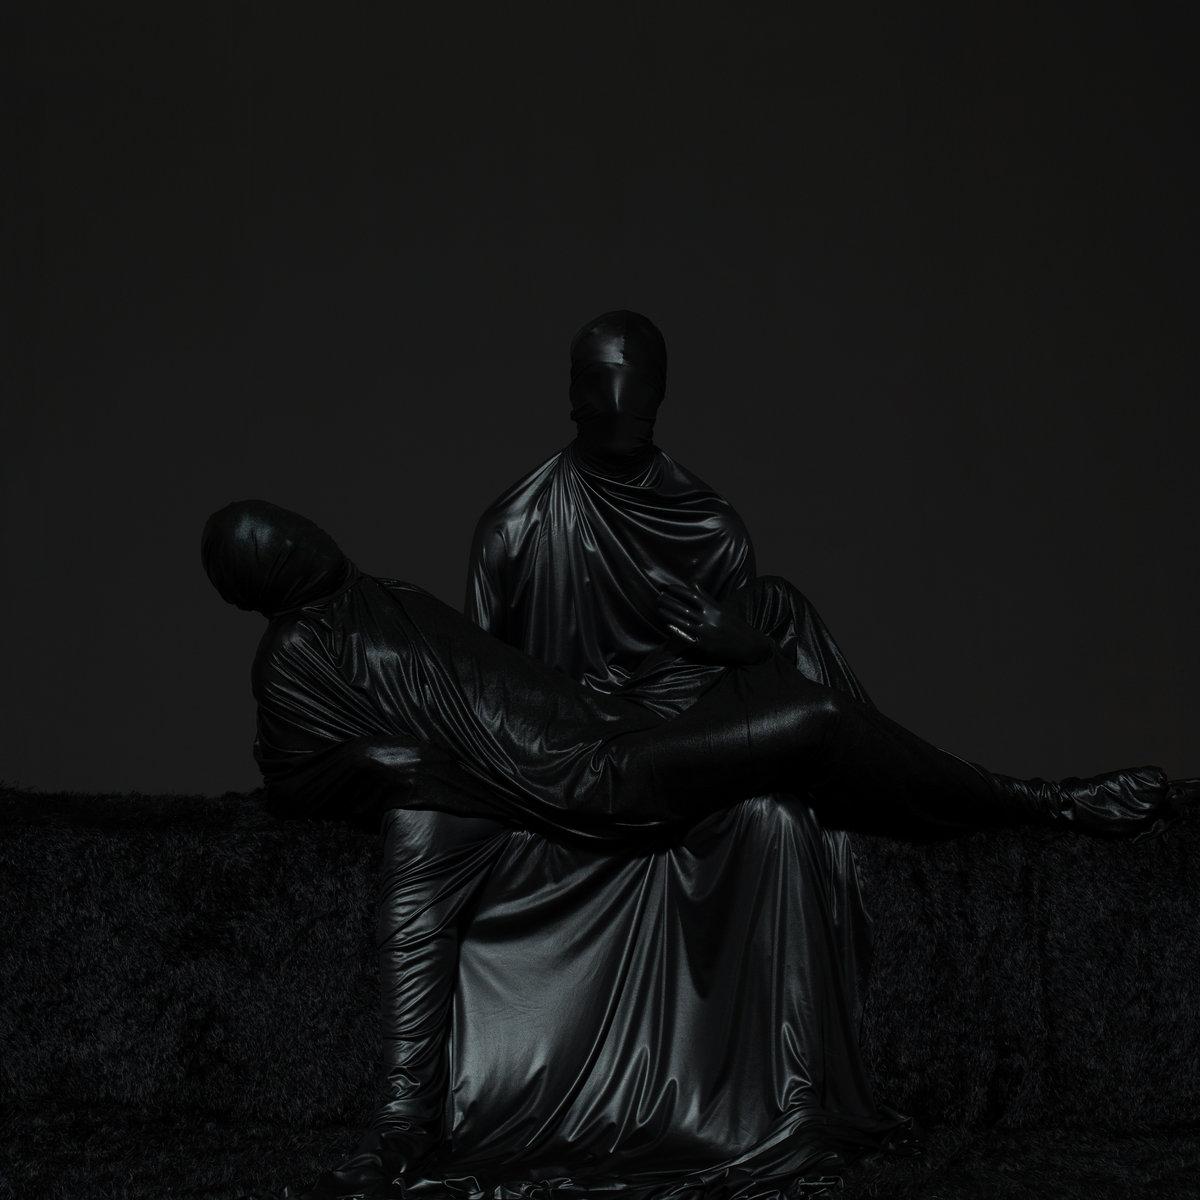 Saffronkeira - Paolo Fresu - In Origine: The Field of Repentance - Bandcamp - player - 2020 - Sa Scena Sarda - 30 Ottobre 2020